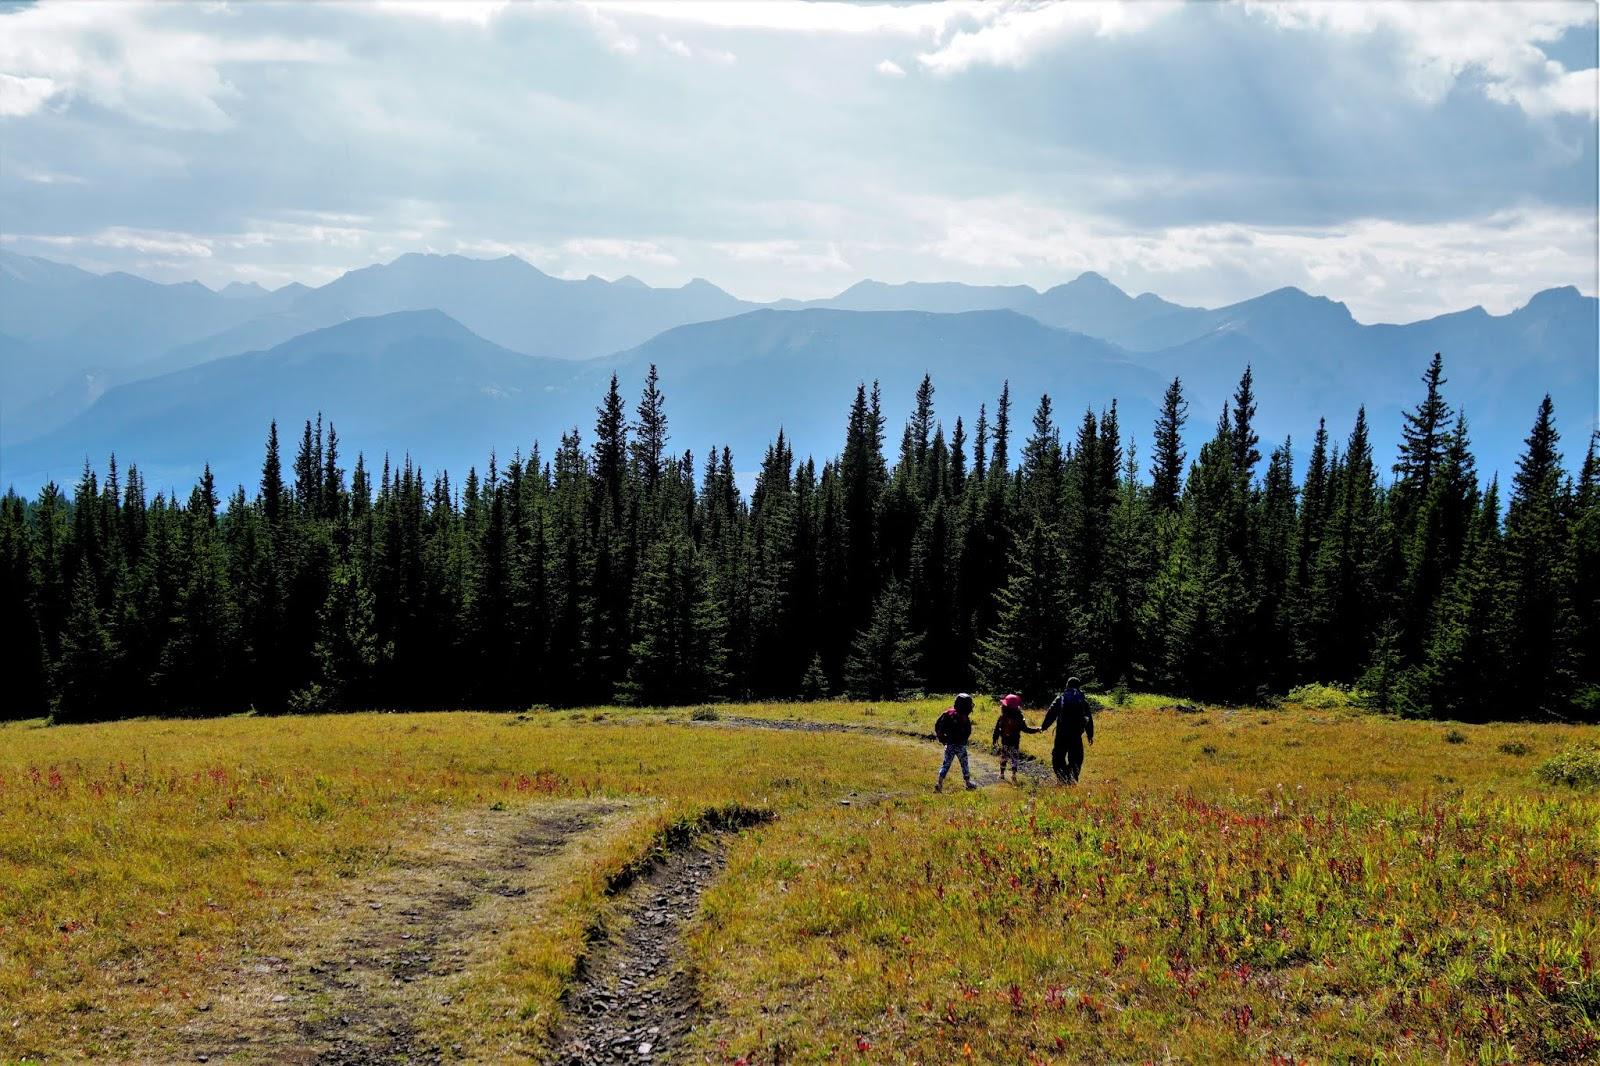 Jumpingpound Summit Trail